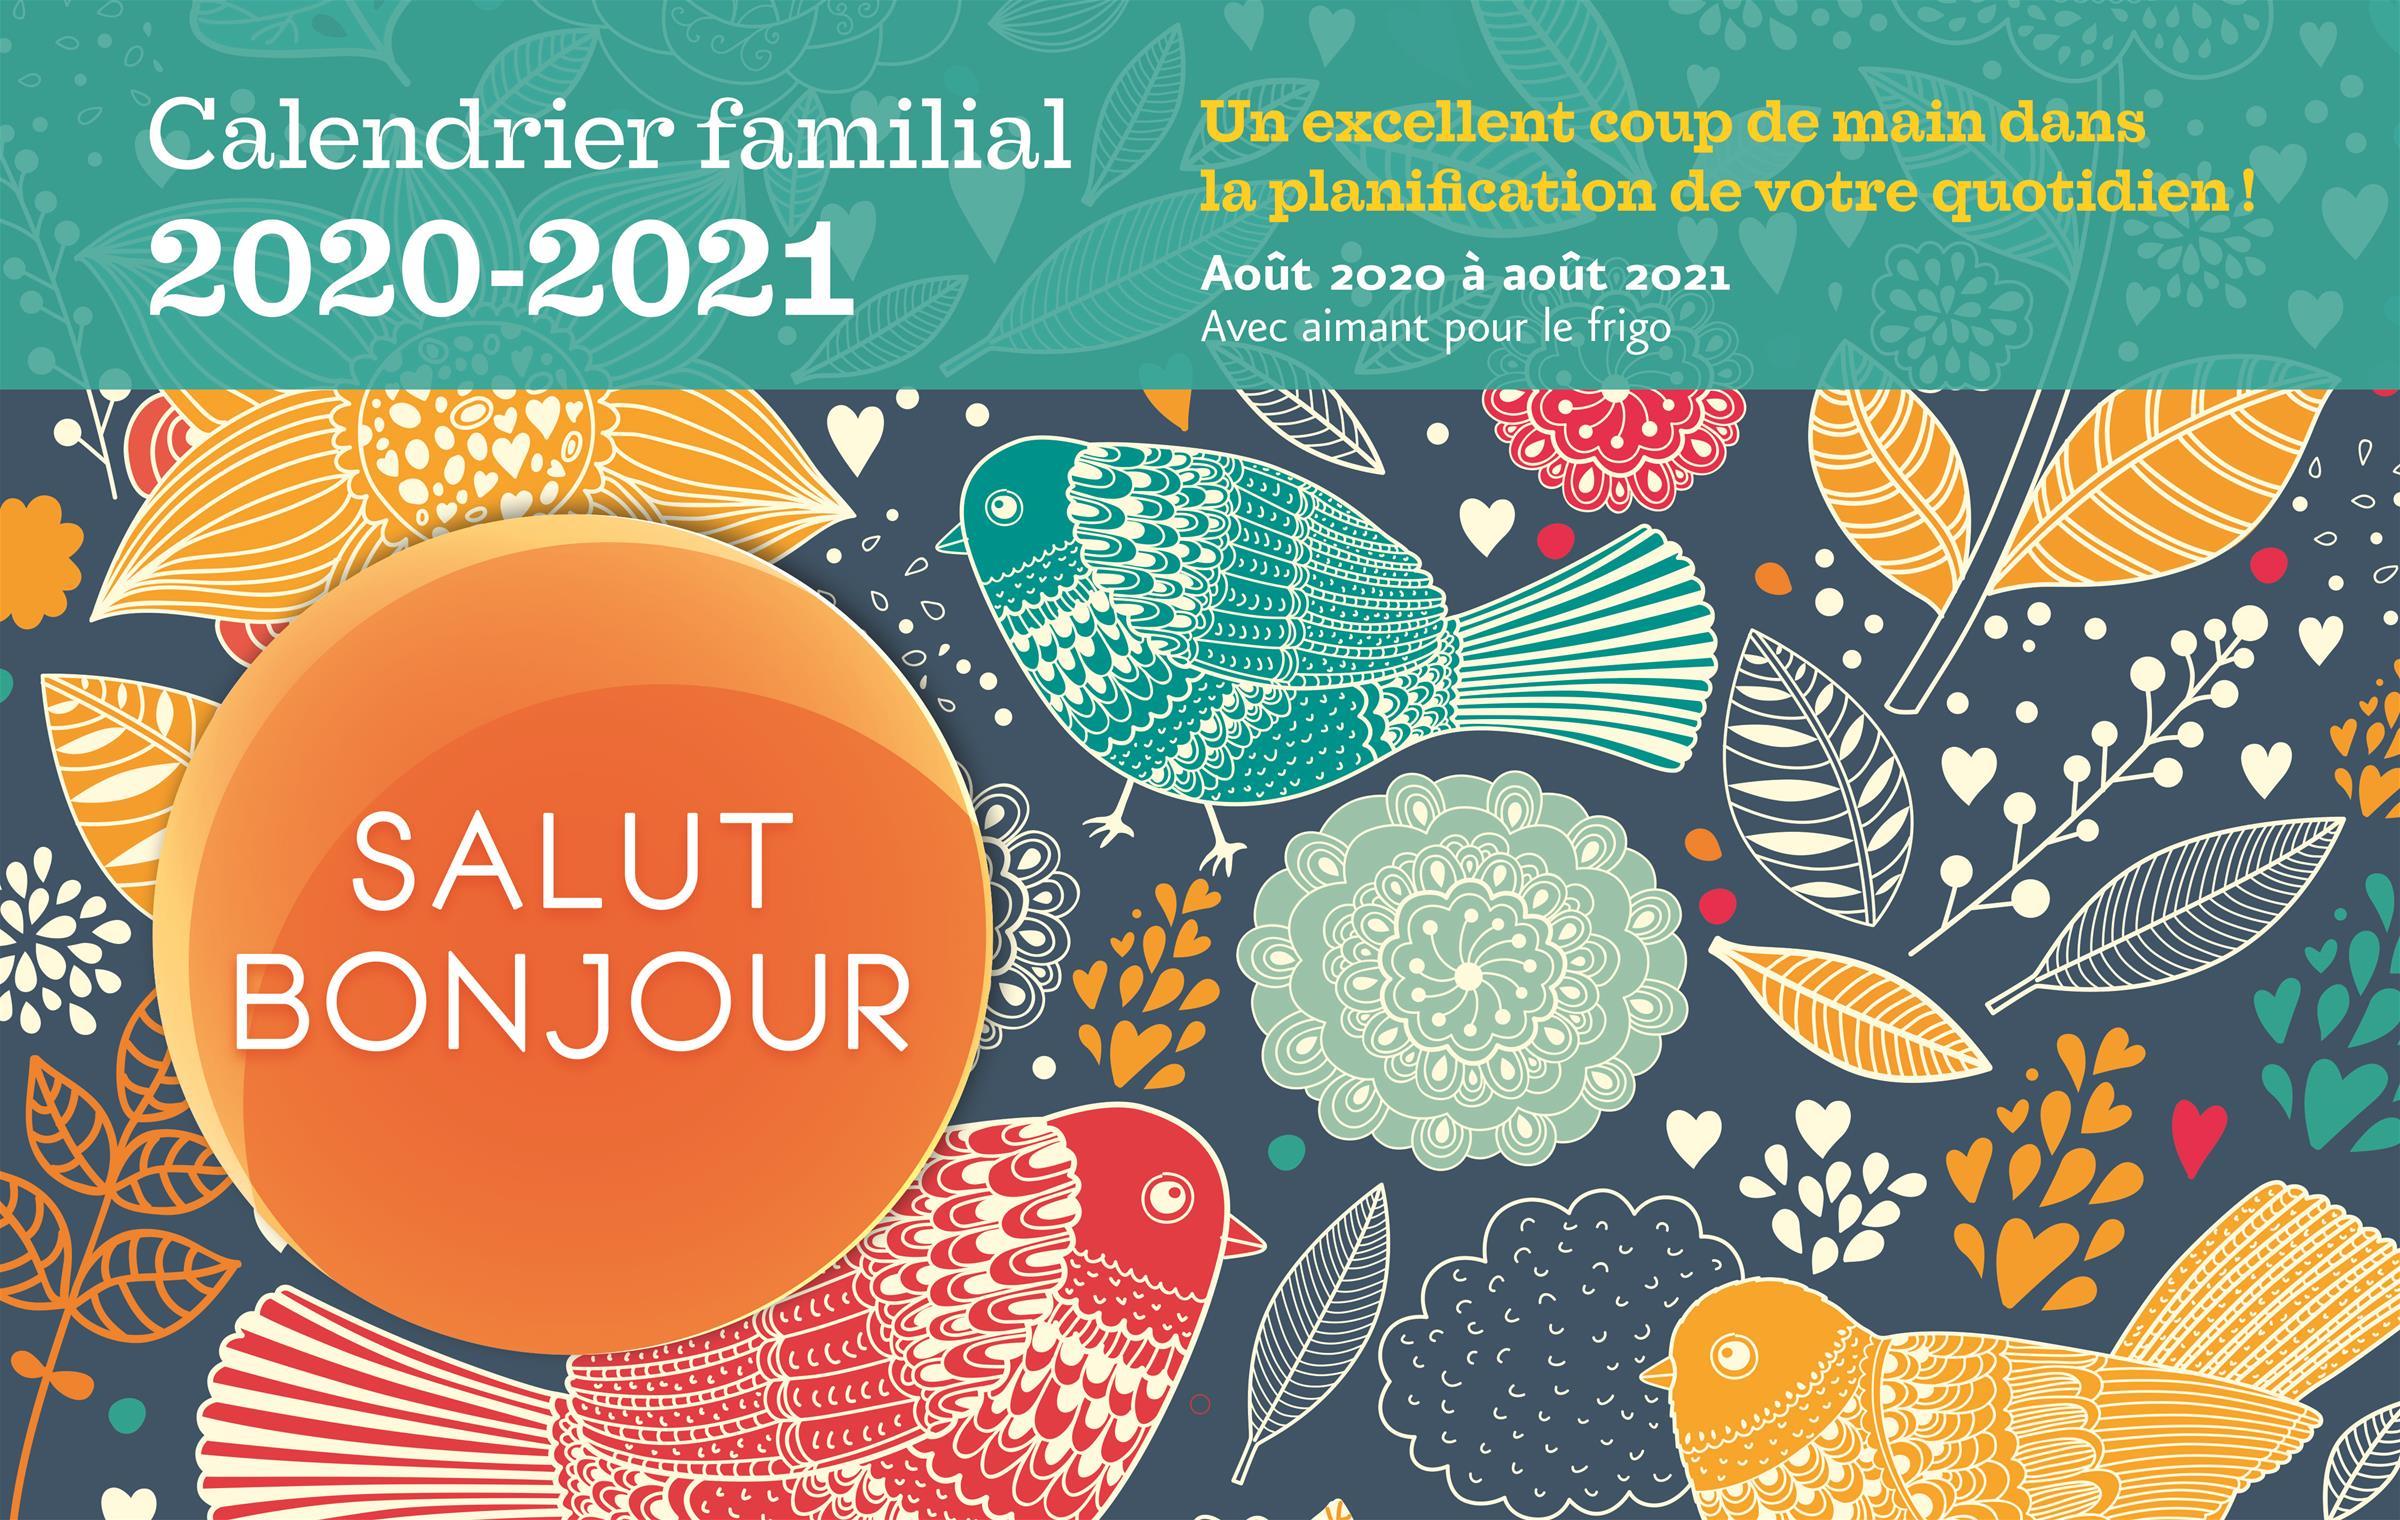 Calendrier Familial 2021 A Imprimer Livre Calendrier familial 2020 2021 Salut Bonjour | Les Éditions